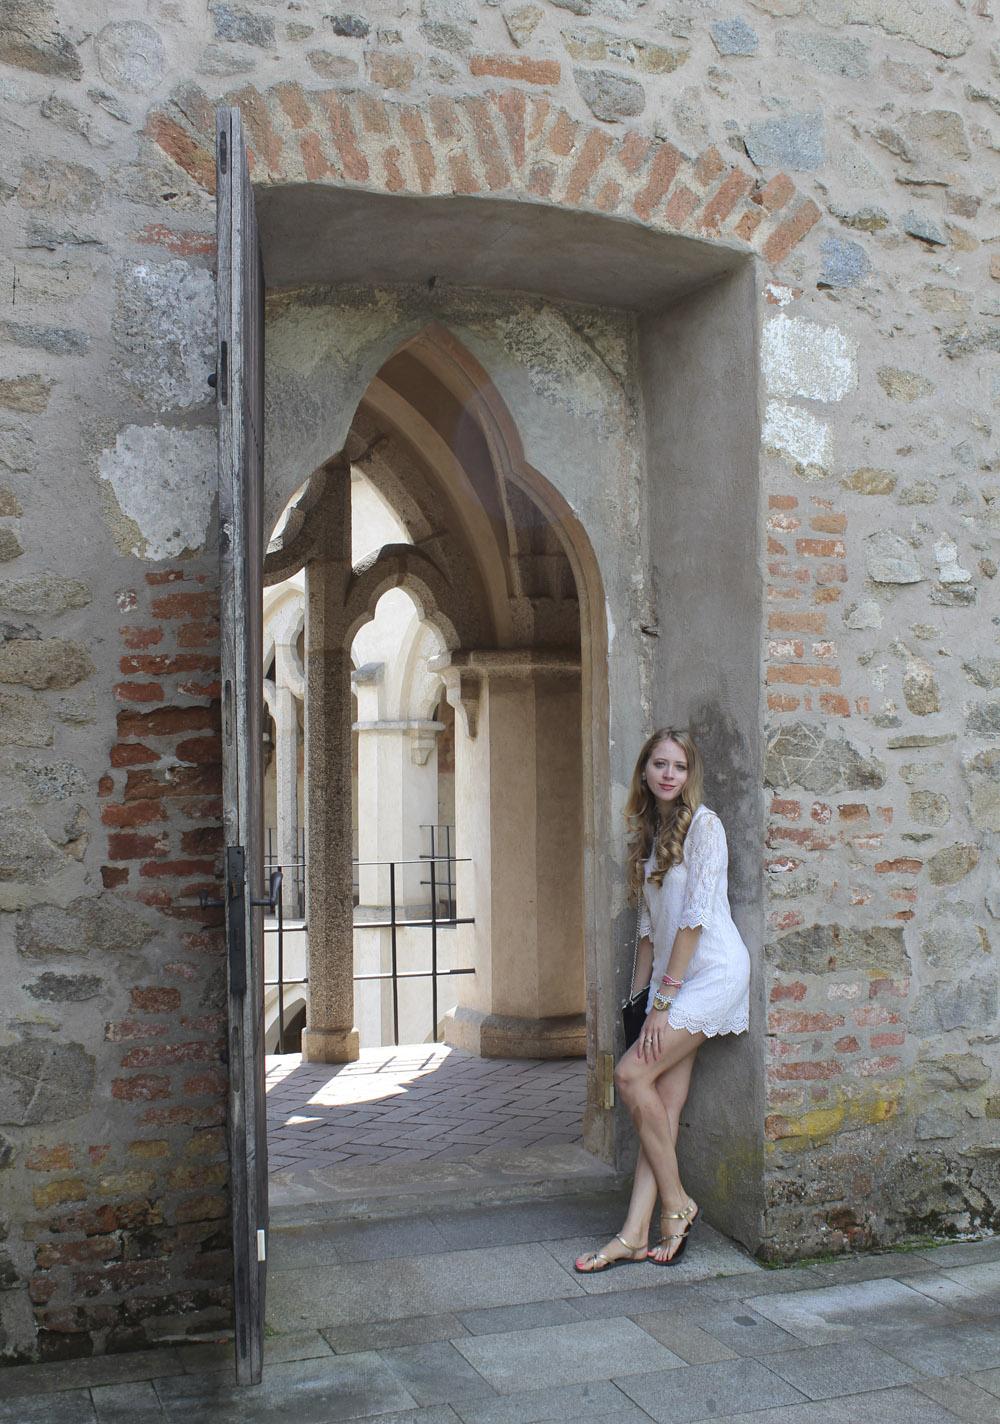 midieval castle ruin door